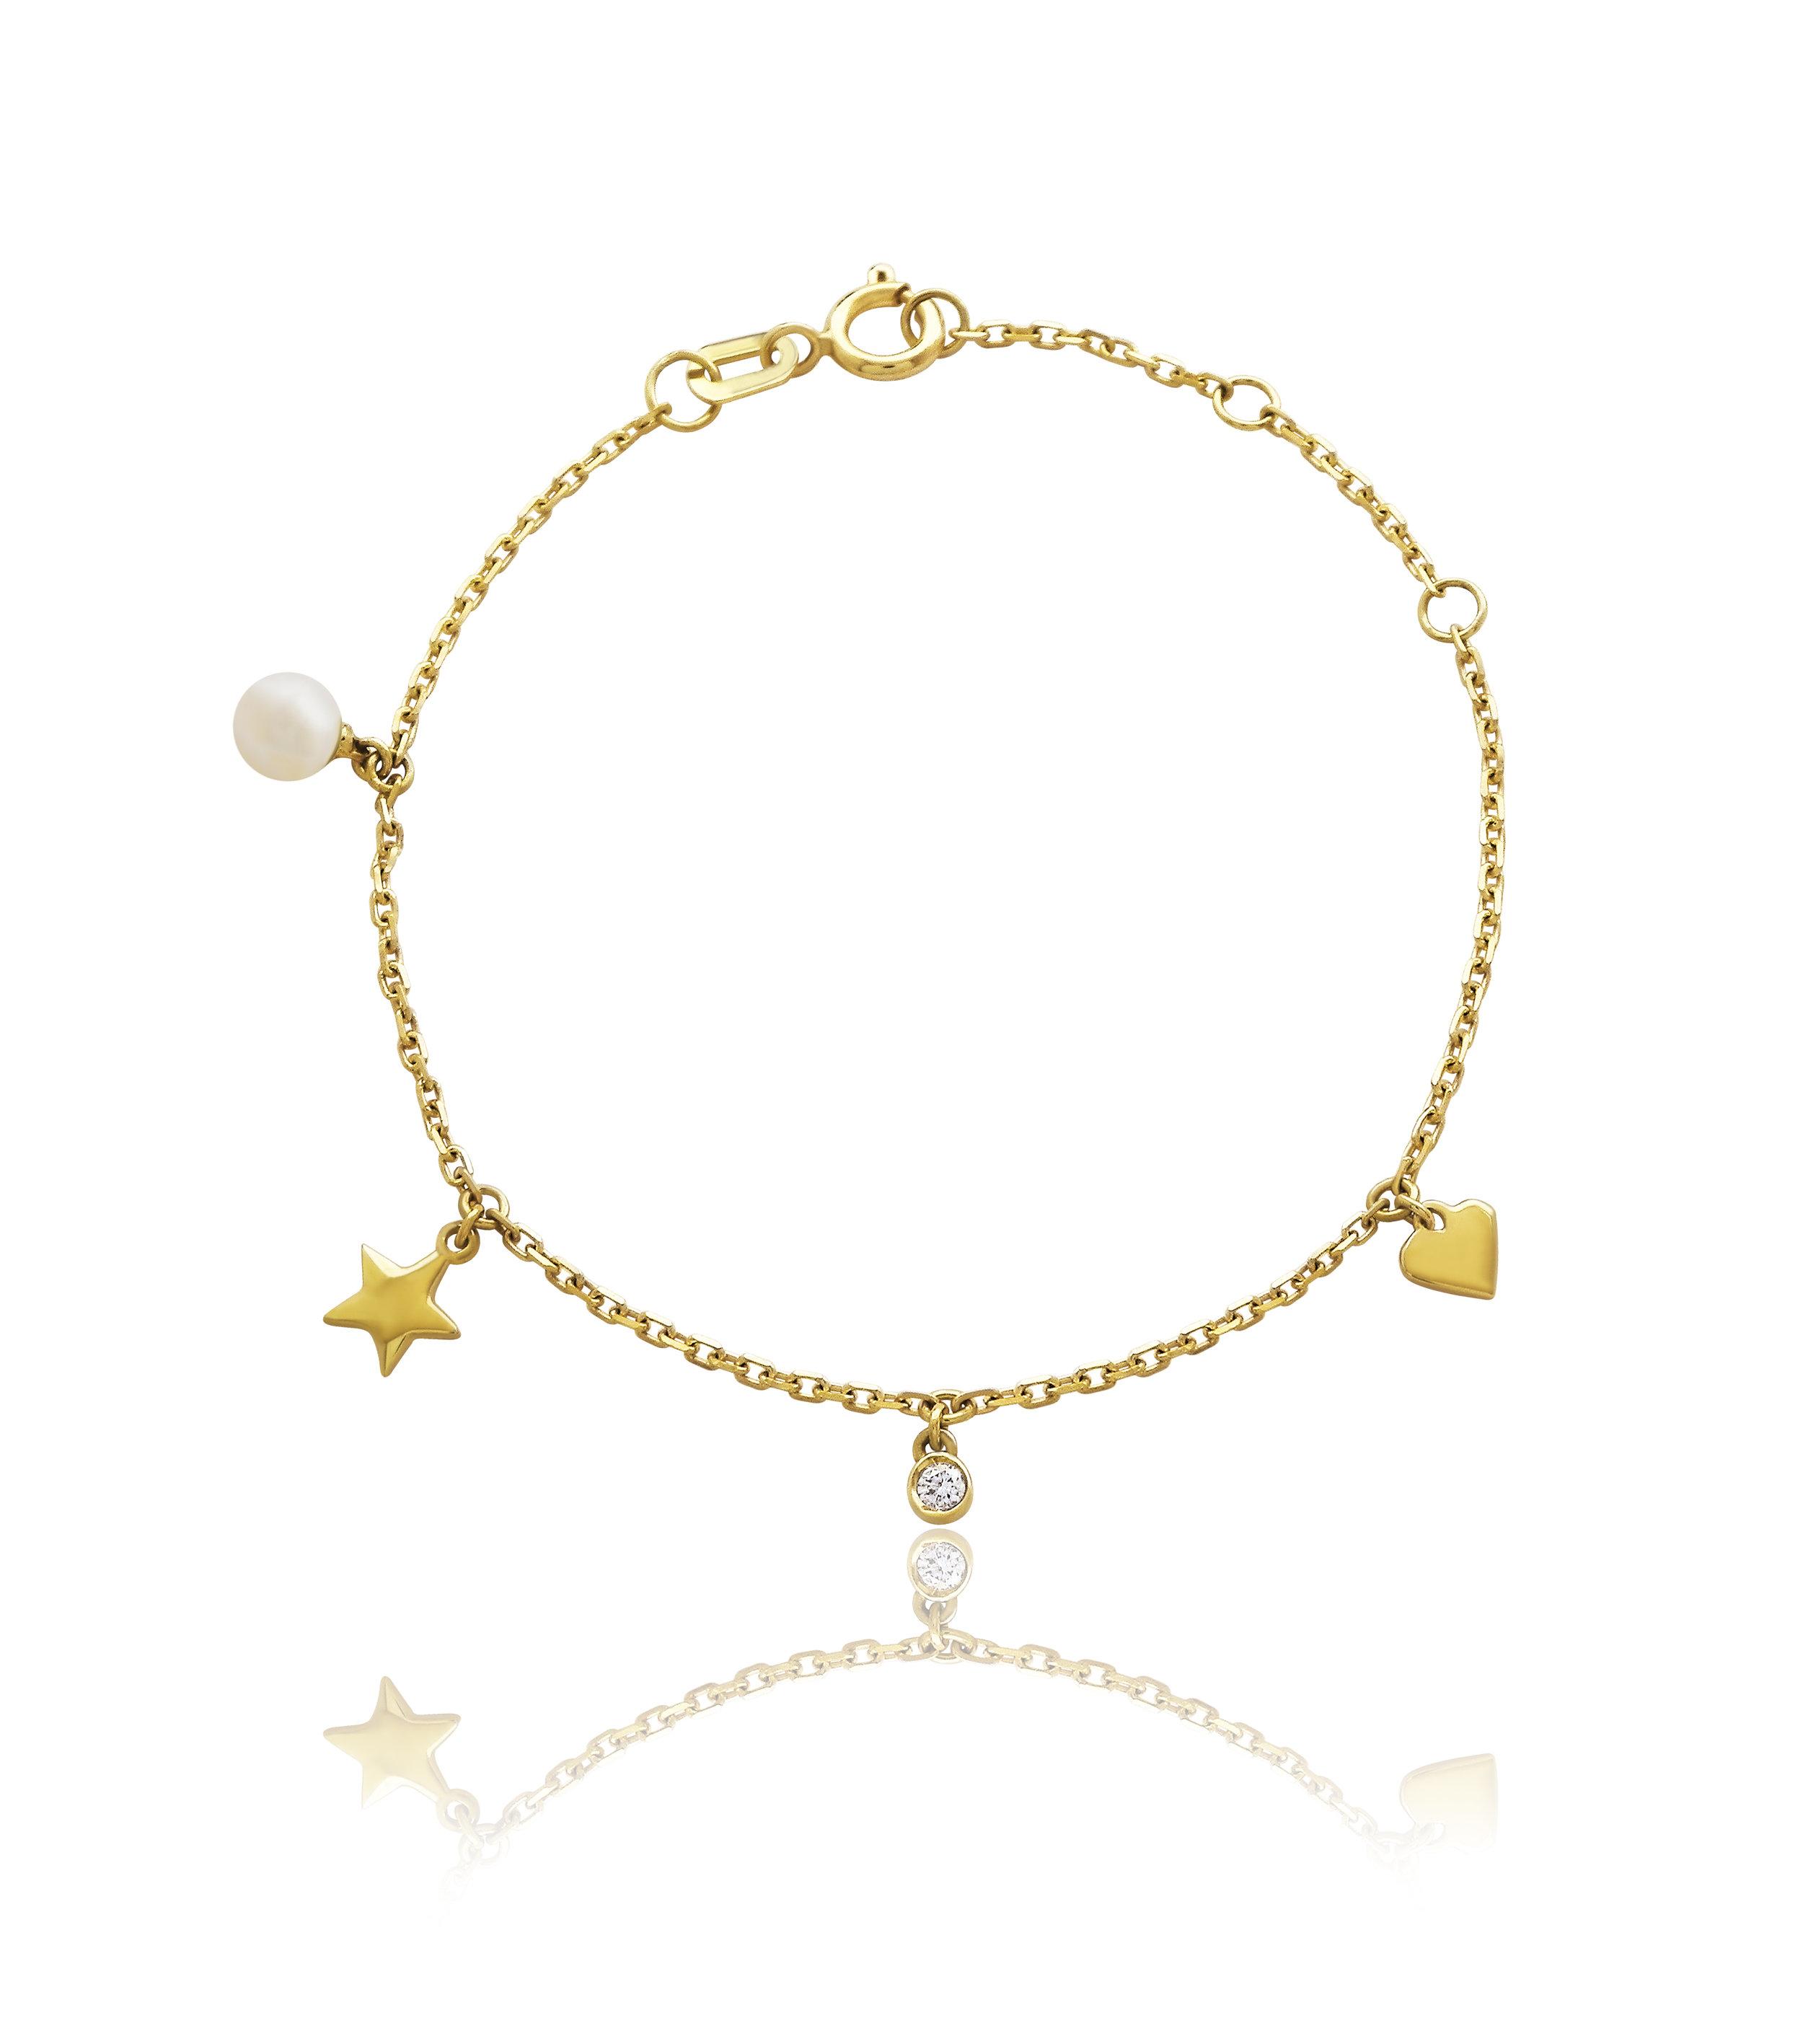 Pulseira+Berloques+em+ouro+amarelo+18k+com+p%C3%A9rola+e+diamante+R%24780%2C00+JULIA+BLINI - Julia Blini, Designer de Jóias